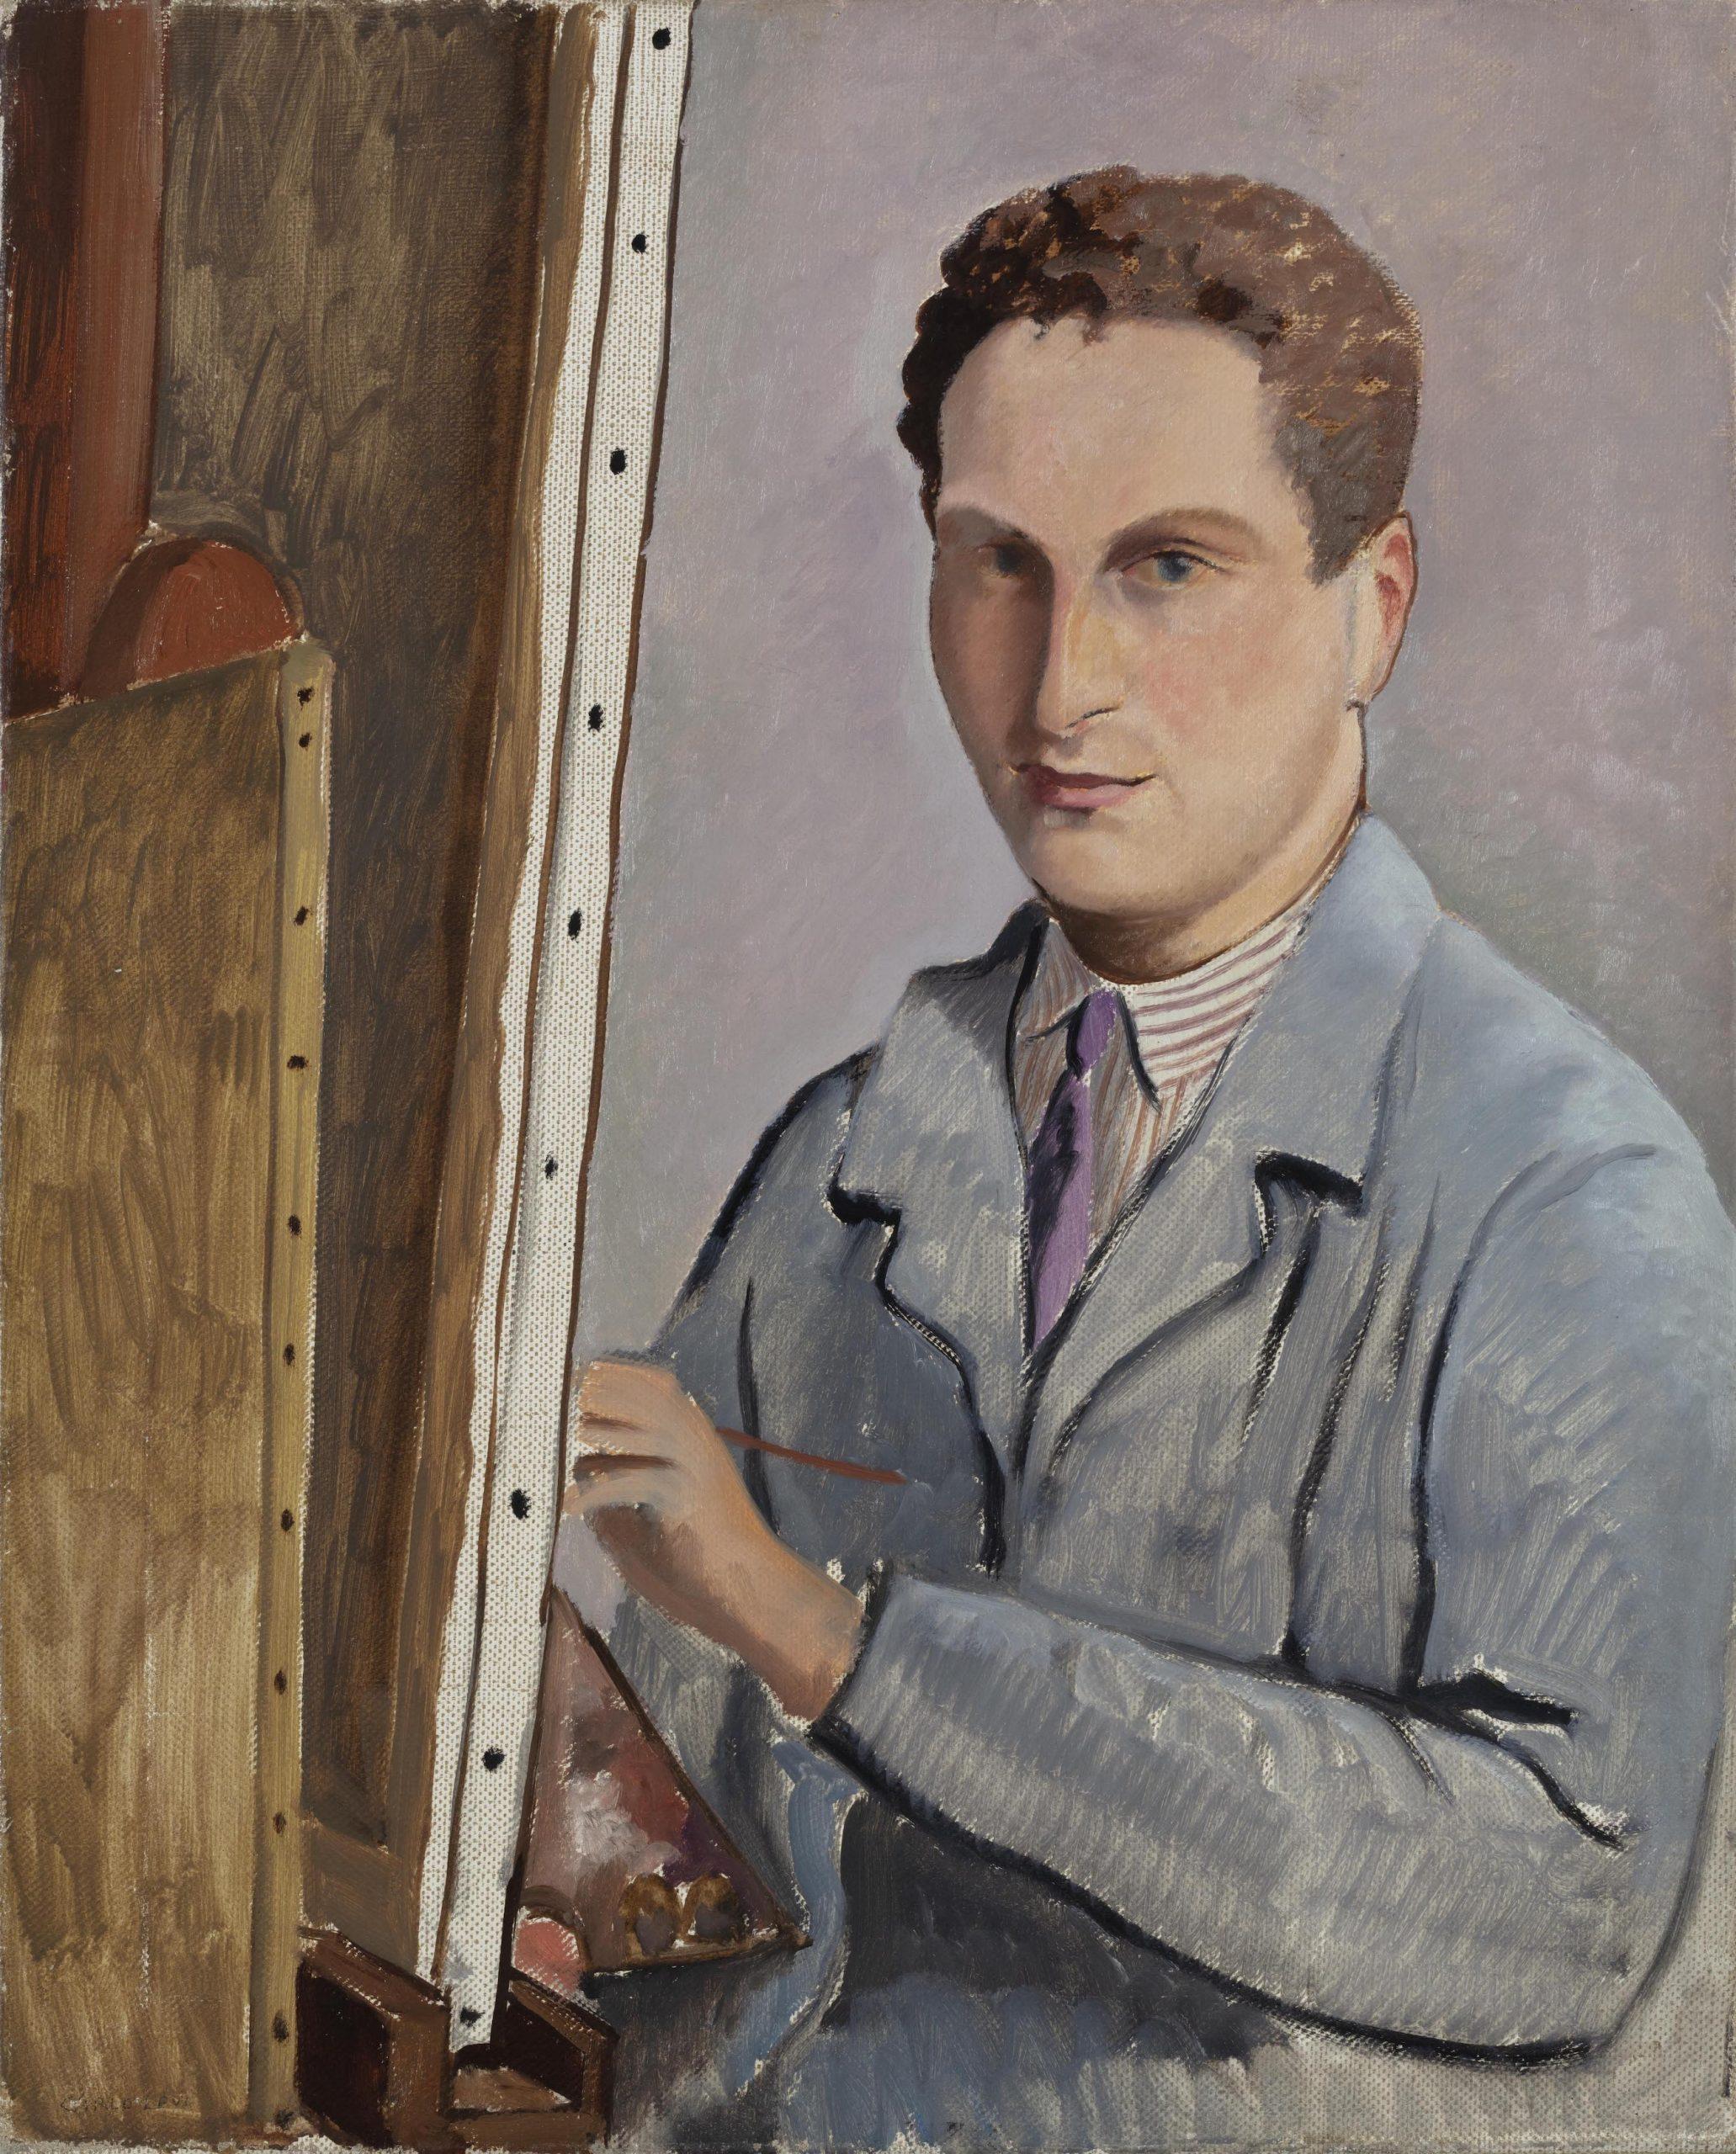 Autoritratto 1928